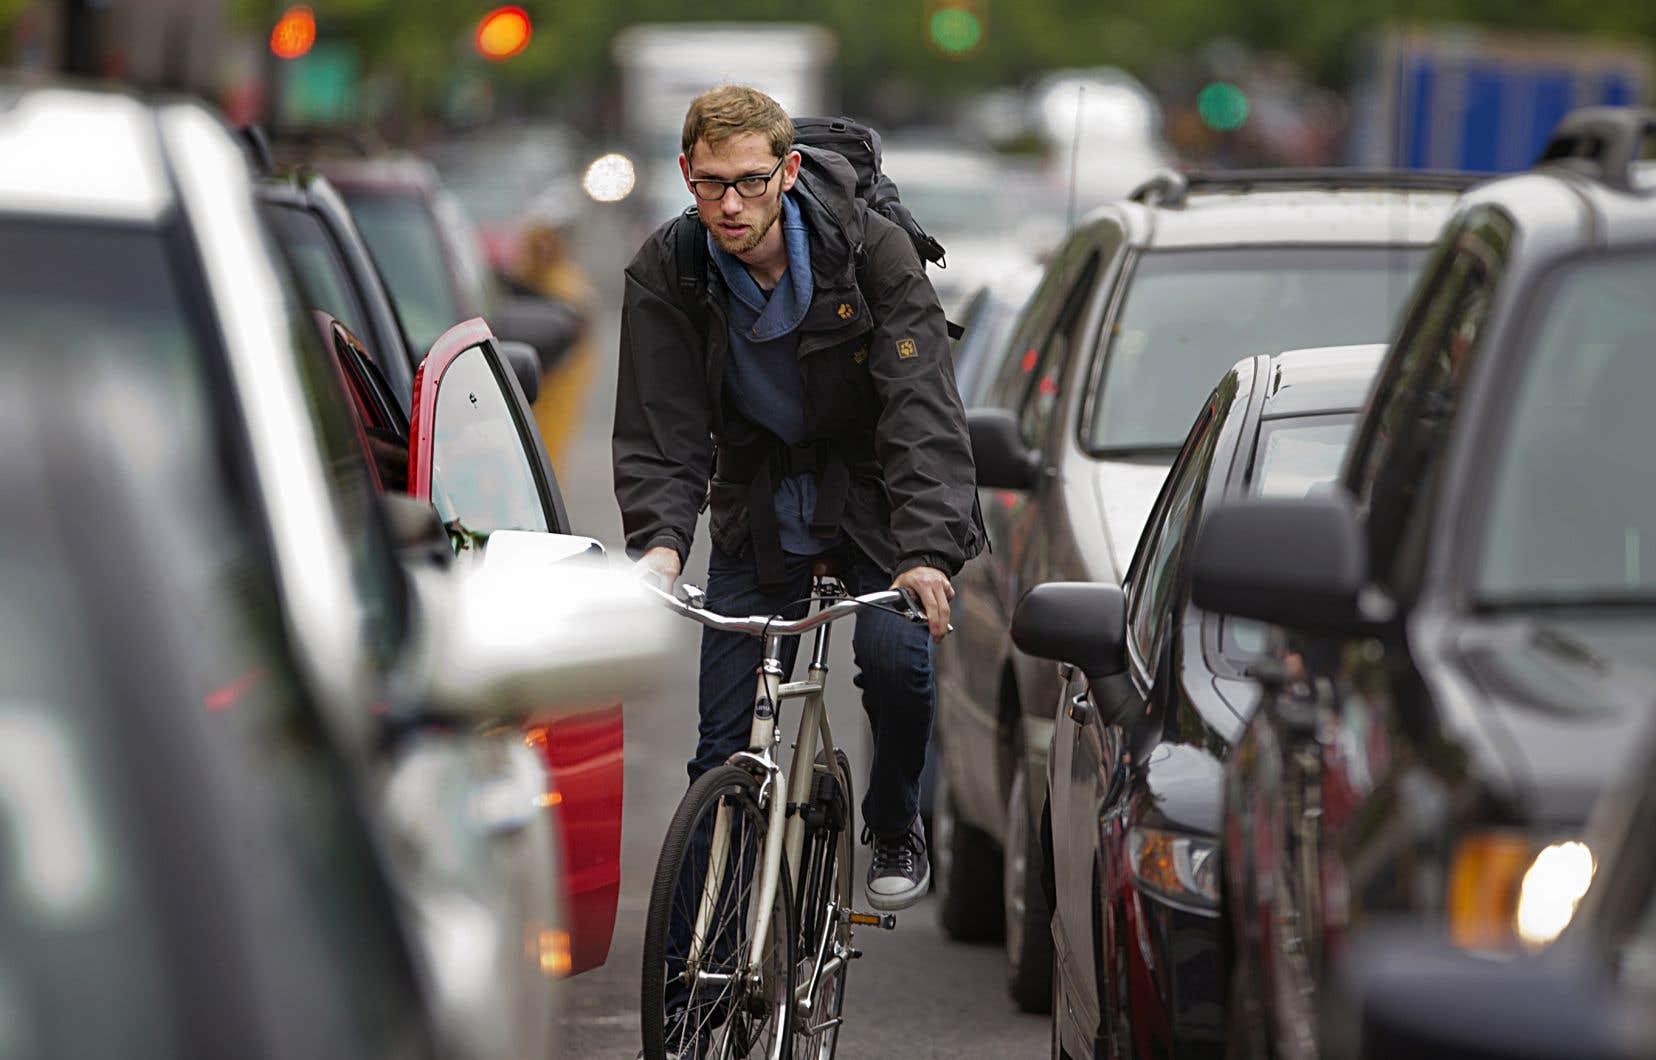 Depuis le début de 2018, le SPVM a dénombré le décès de 15 piétons, de 3 cyclistes et de 3 automobilistes, alors que pour la même période l'an dernier, 11 piétons avaient perdu la vie, contre 3 cyclistes et 5 automobilistes.